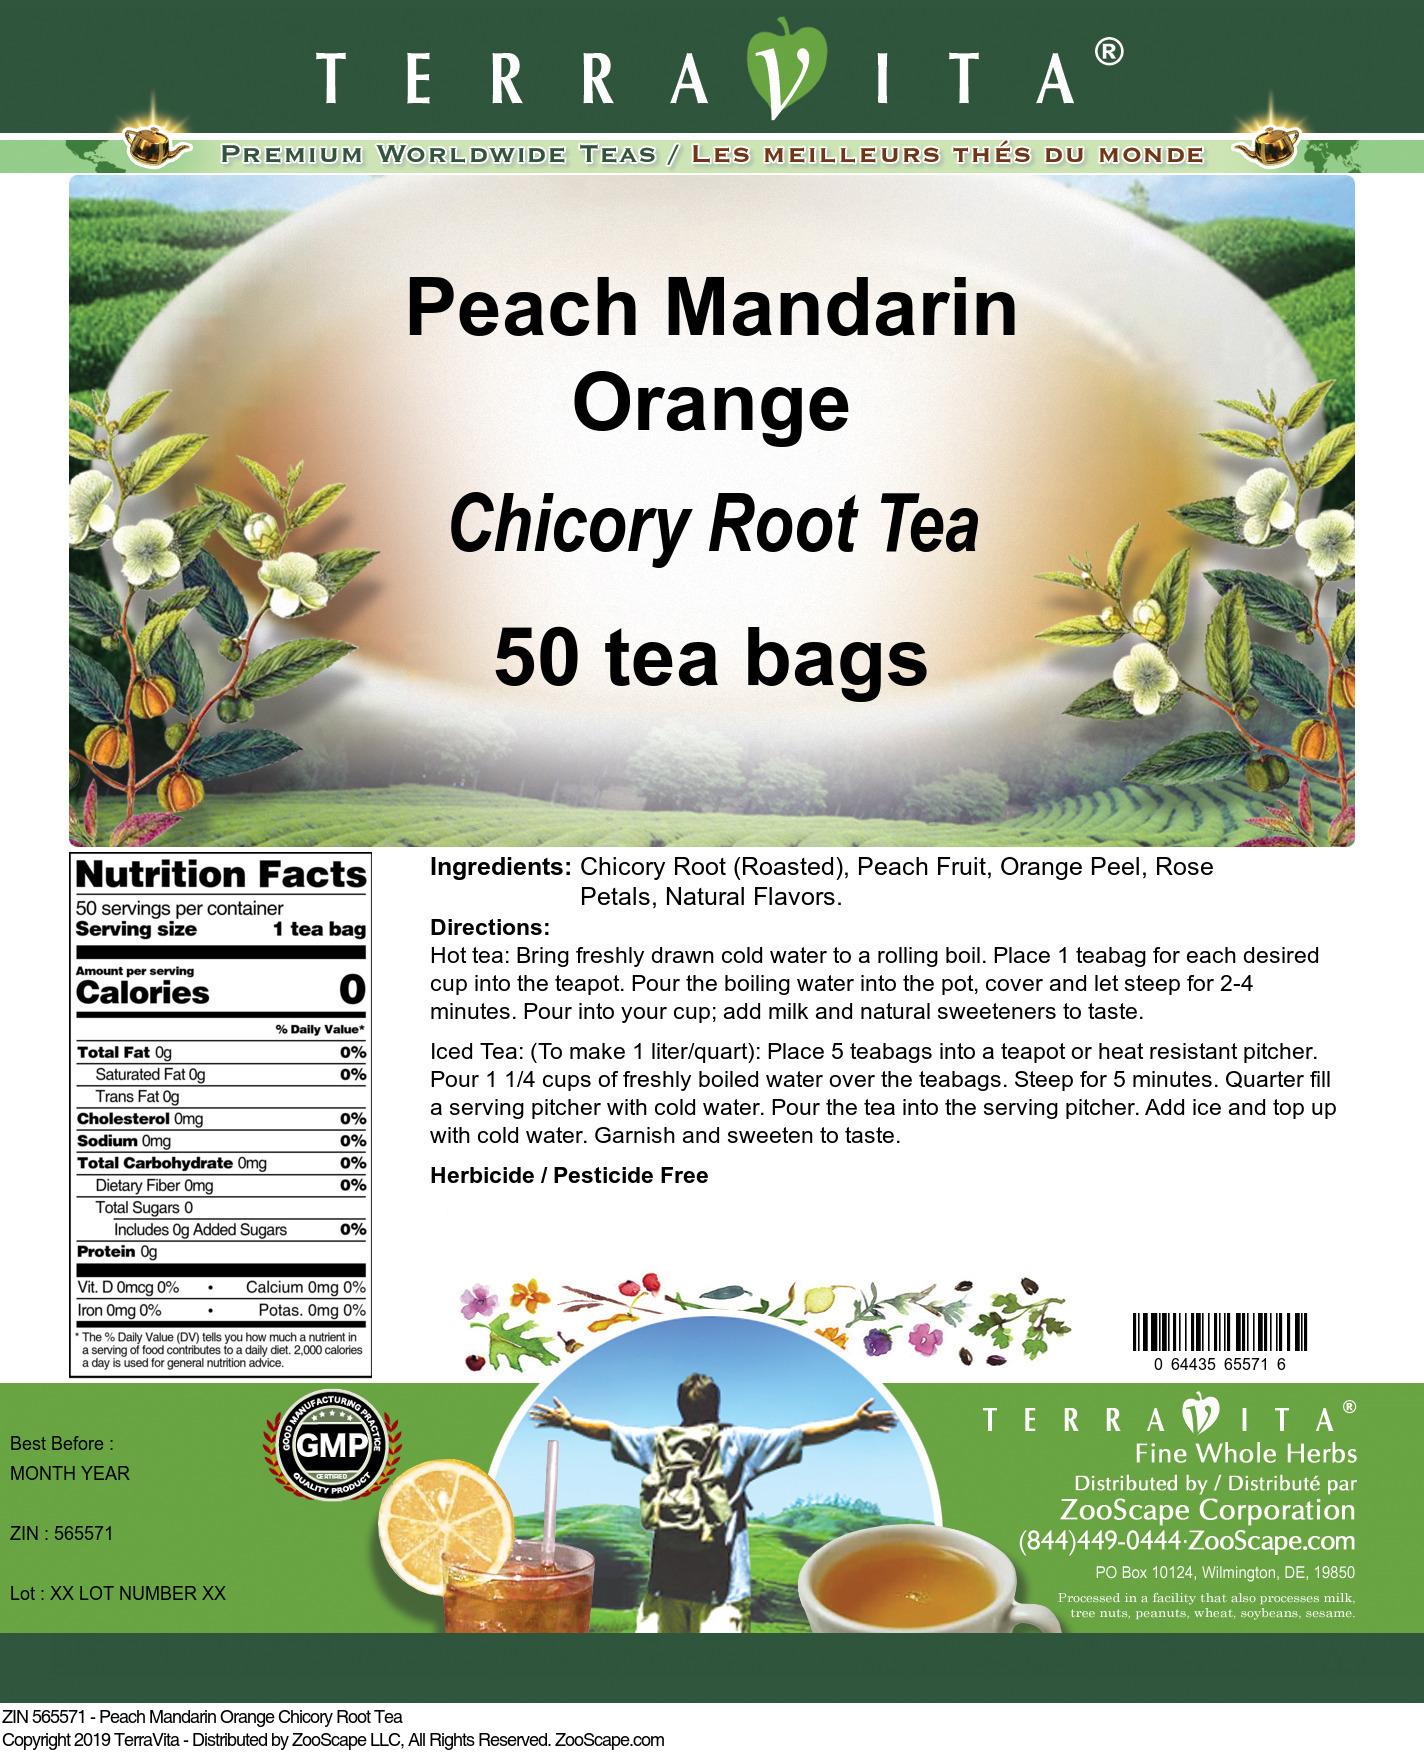 Peach Mandarin Orange Chicory Root Tea